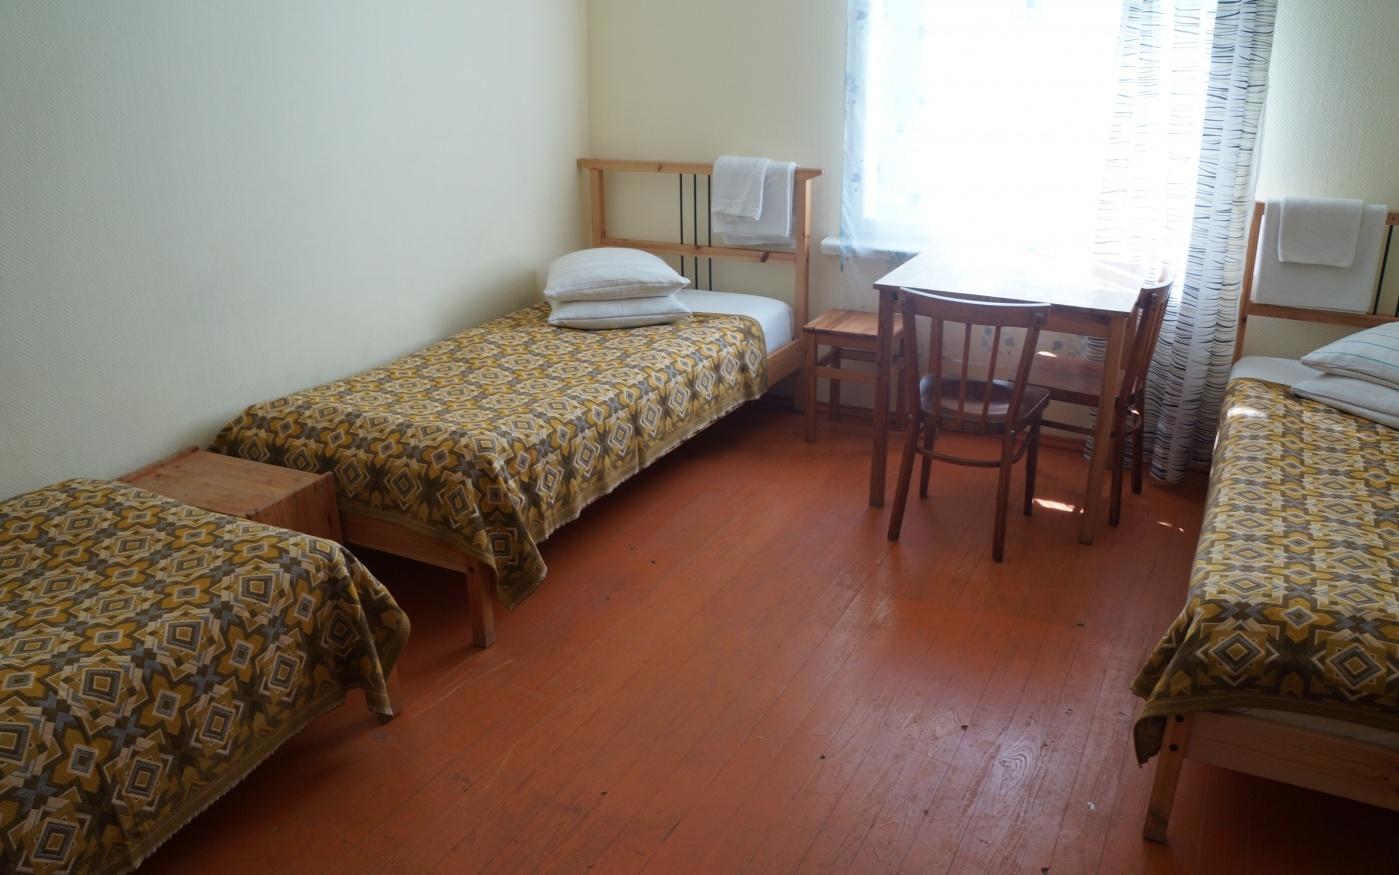 Парк-отель «Волжский прибой» Костромская область Летний домик 2-местный, фото 4